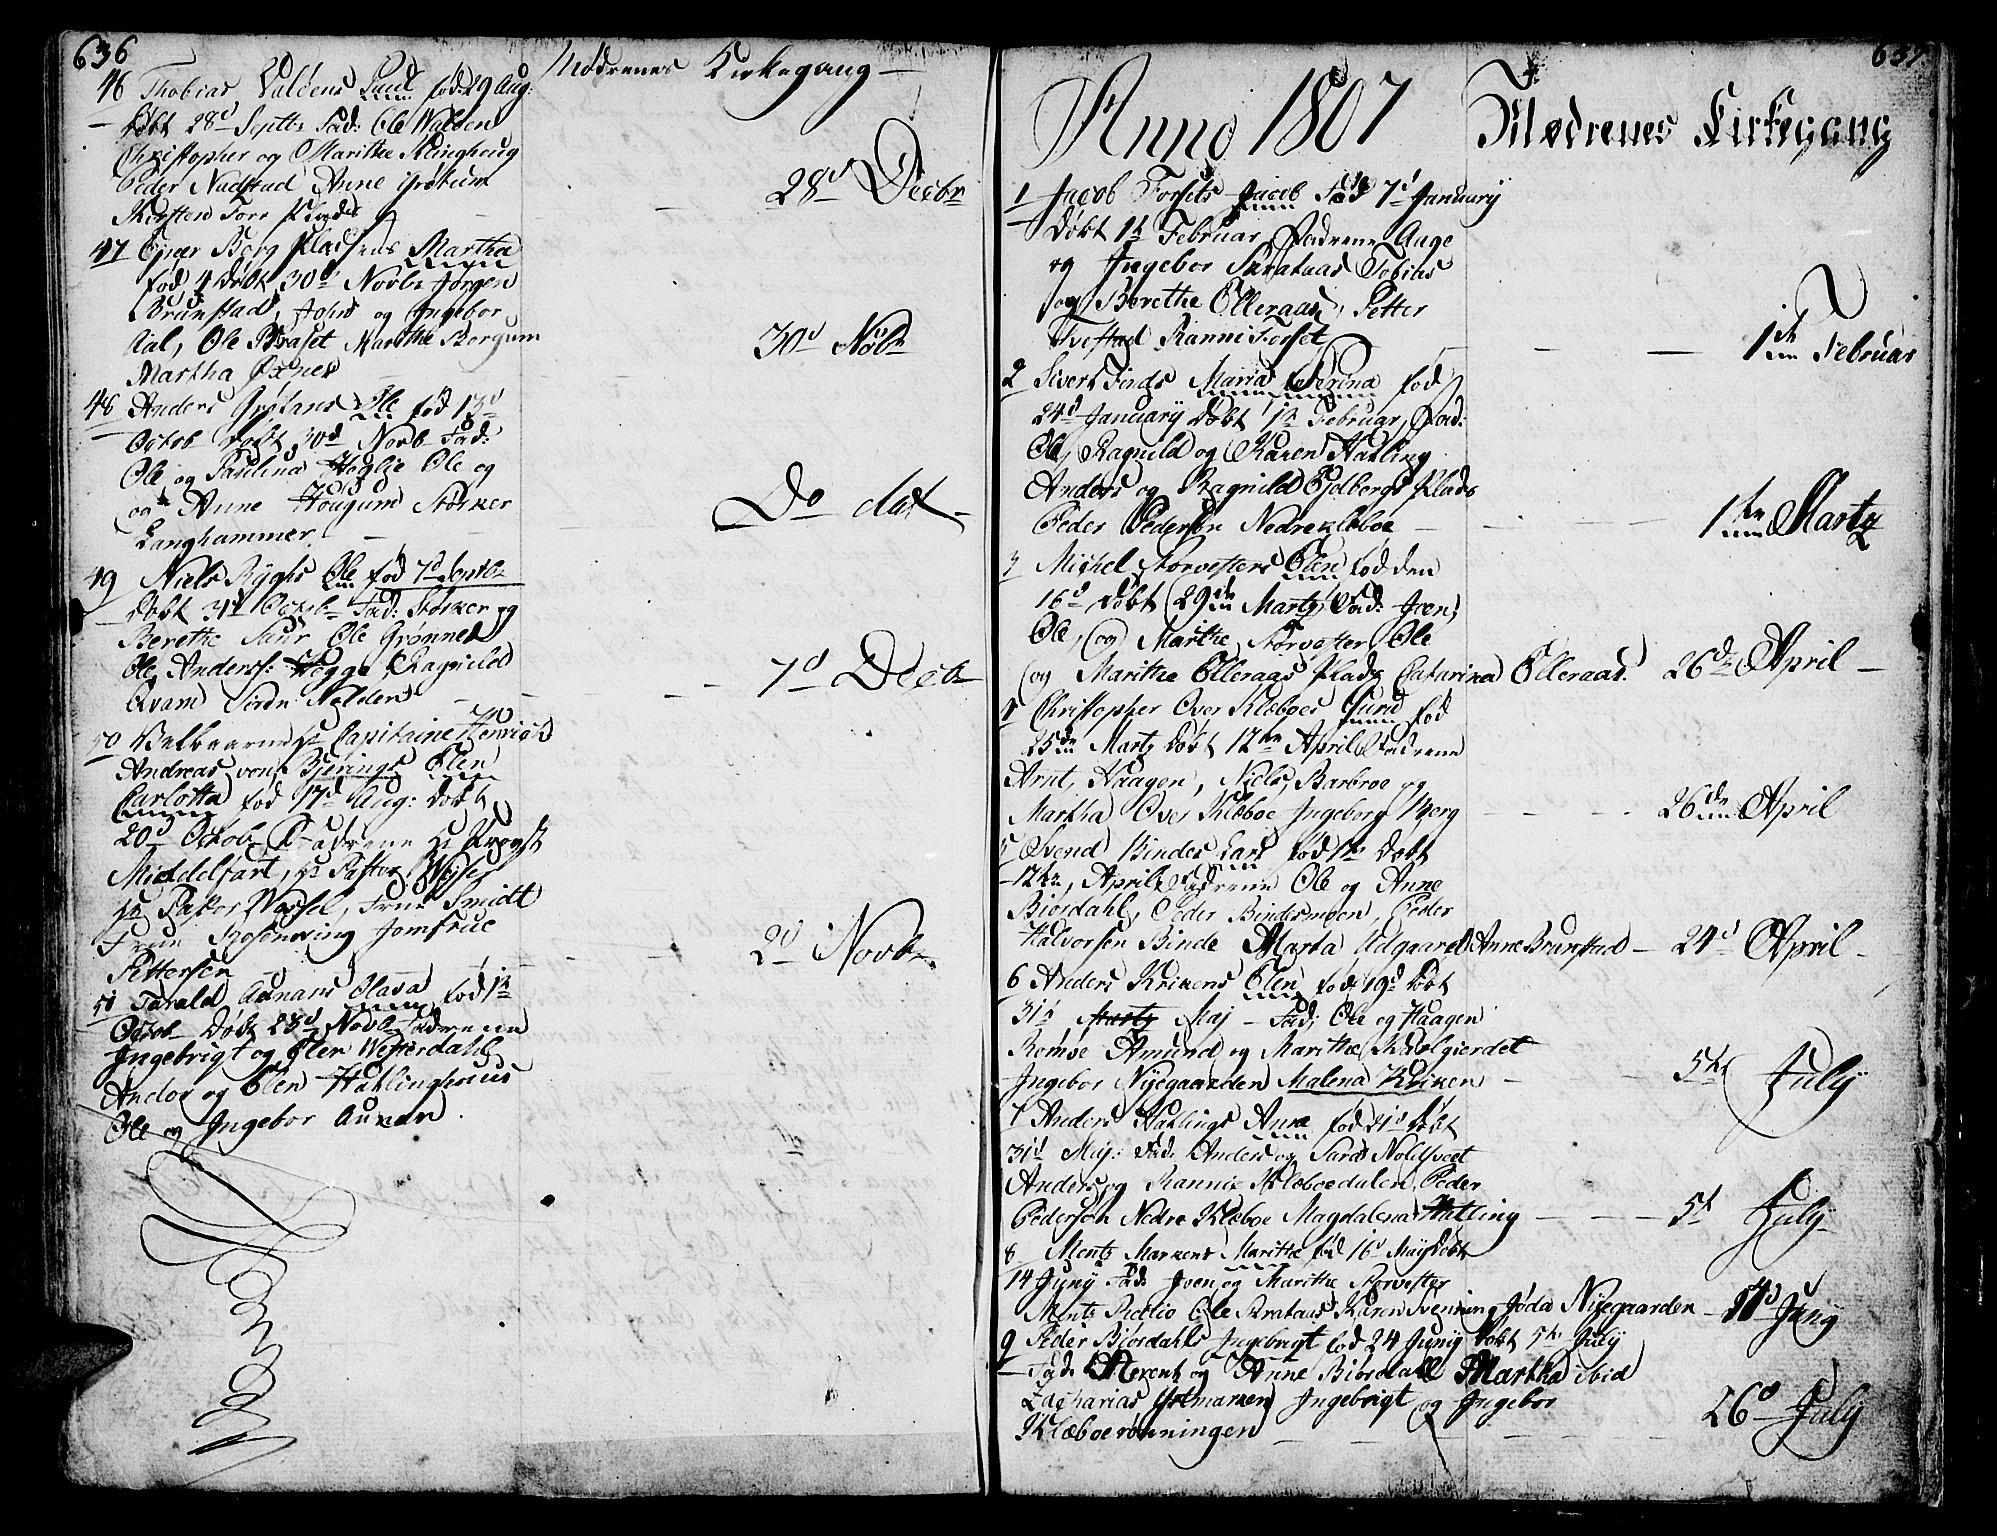 SAT, Ministerialprotokoller, klokkerbøker og fødselsregistre - Nord-Trøndelag, 746/L0440: Ministerialbok nr. 746A02, 1760-1815, s. 636-637